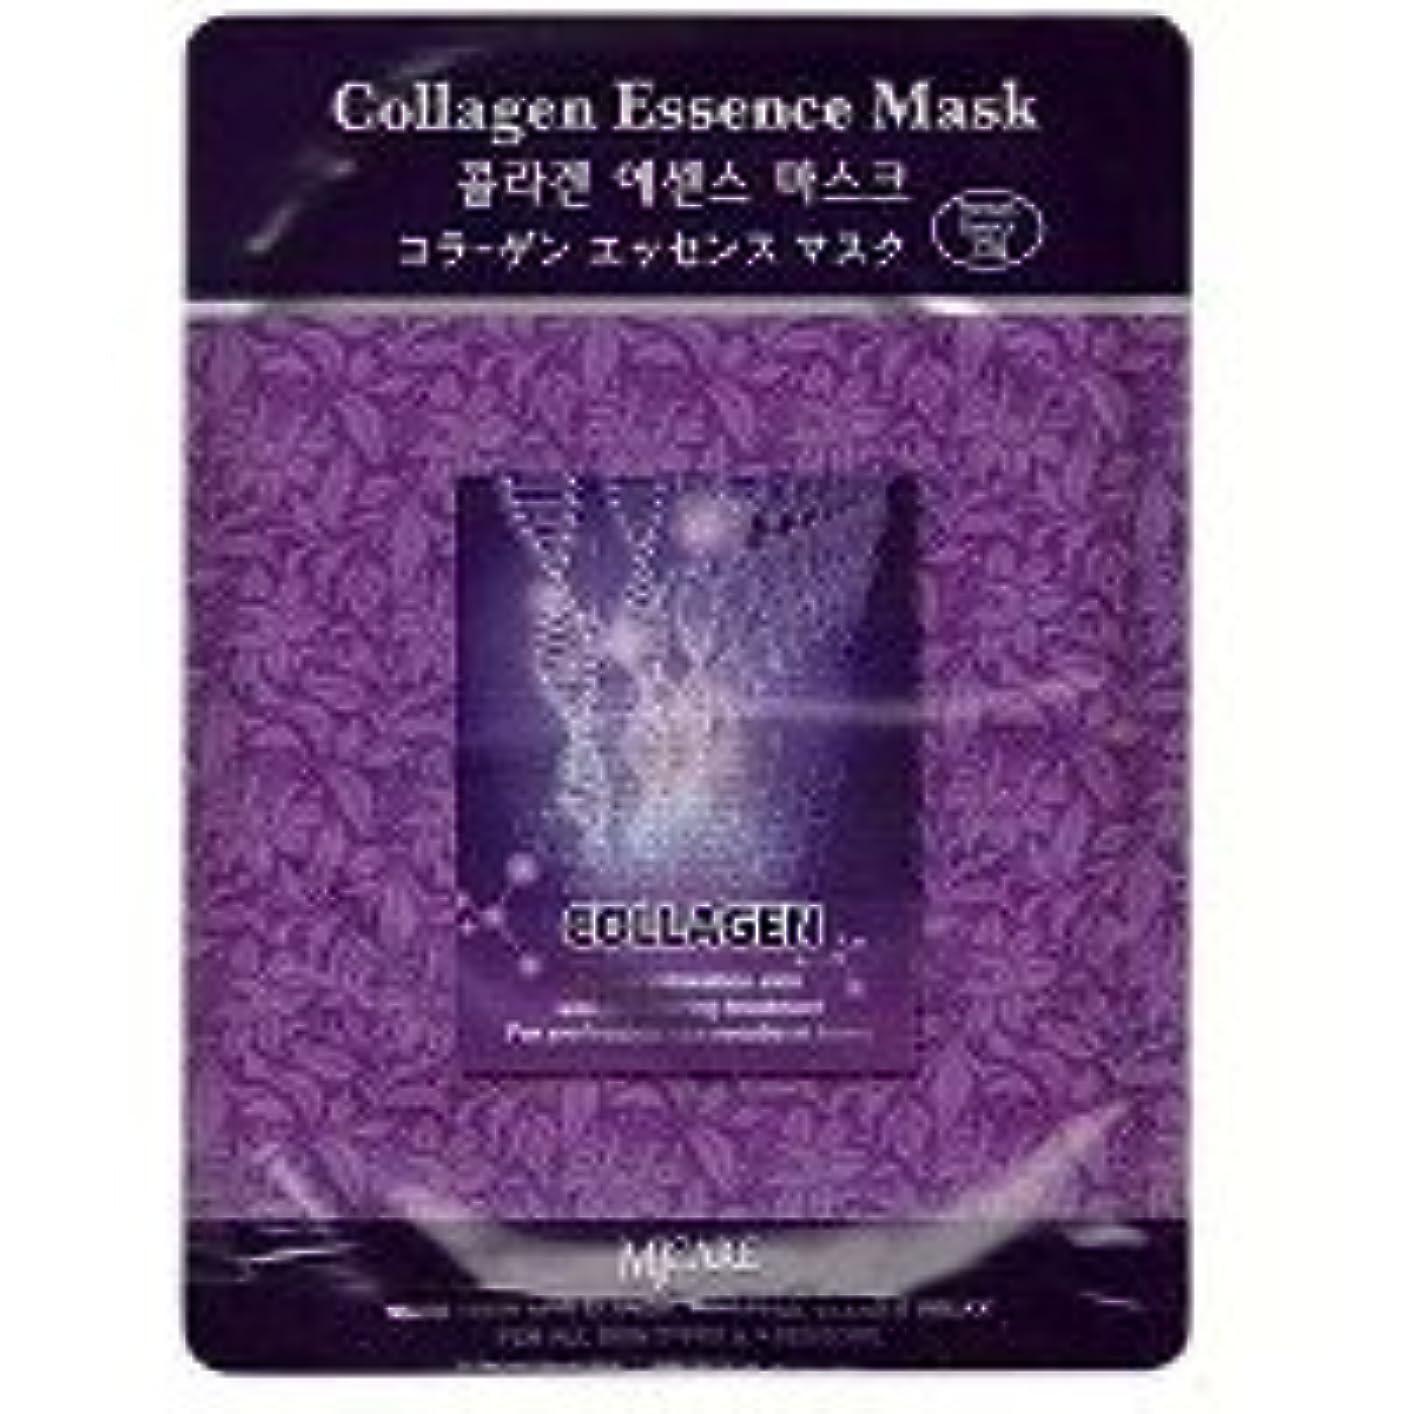 損なう再現する協同MIJIN MJ-CARE コラーゲン エッセンスマスク 23g 1枚入り